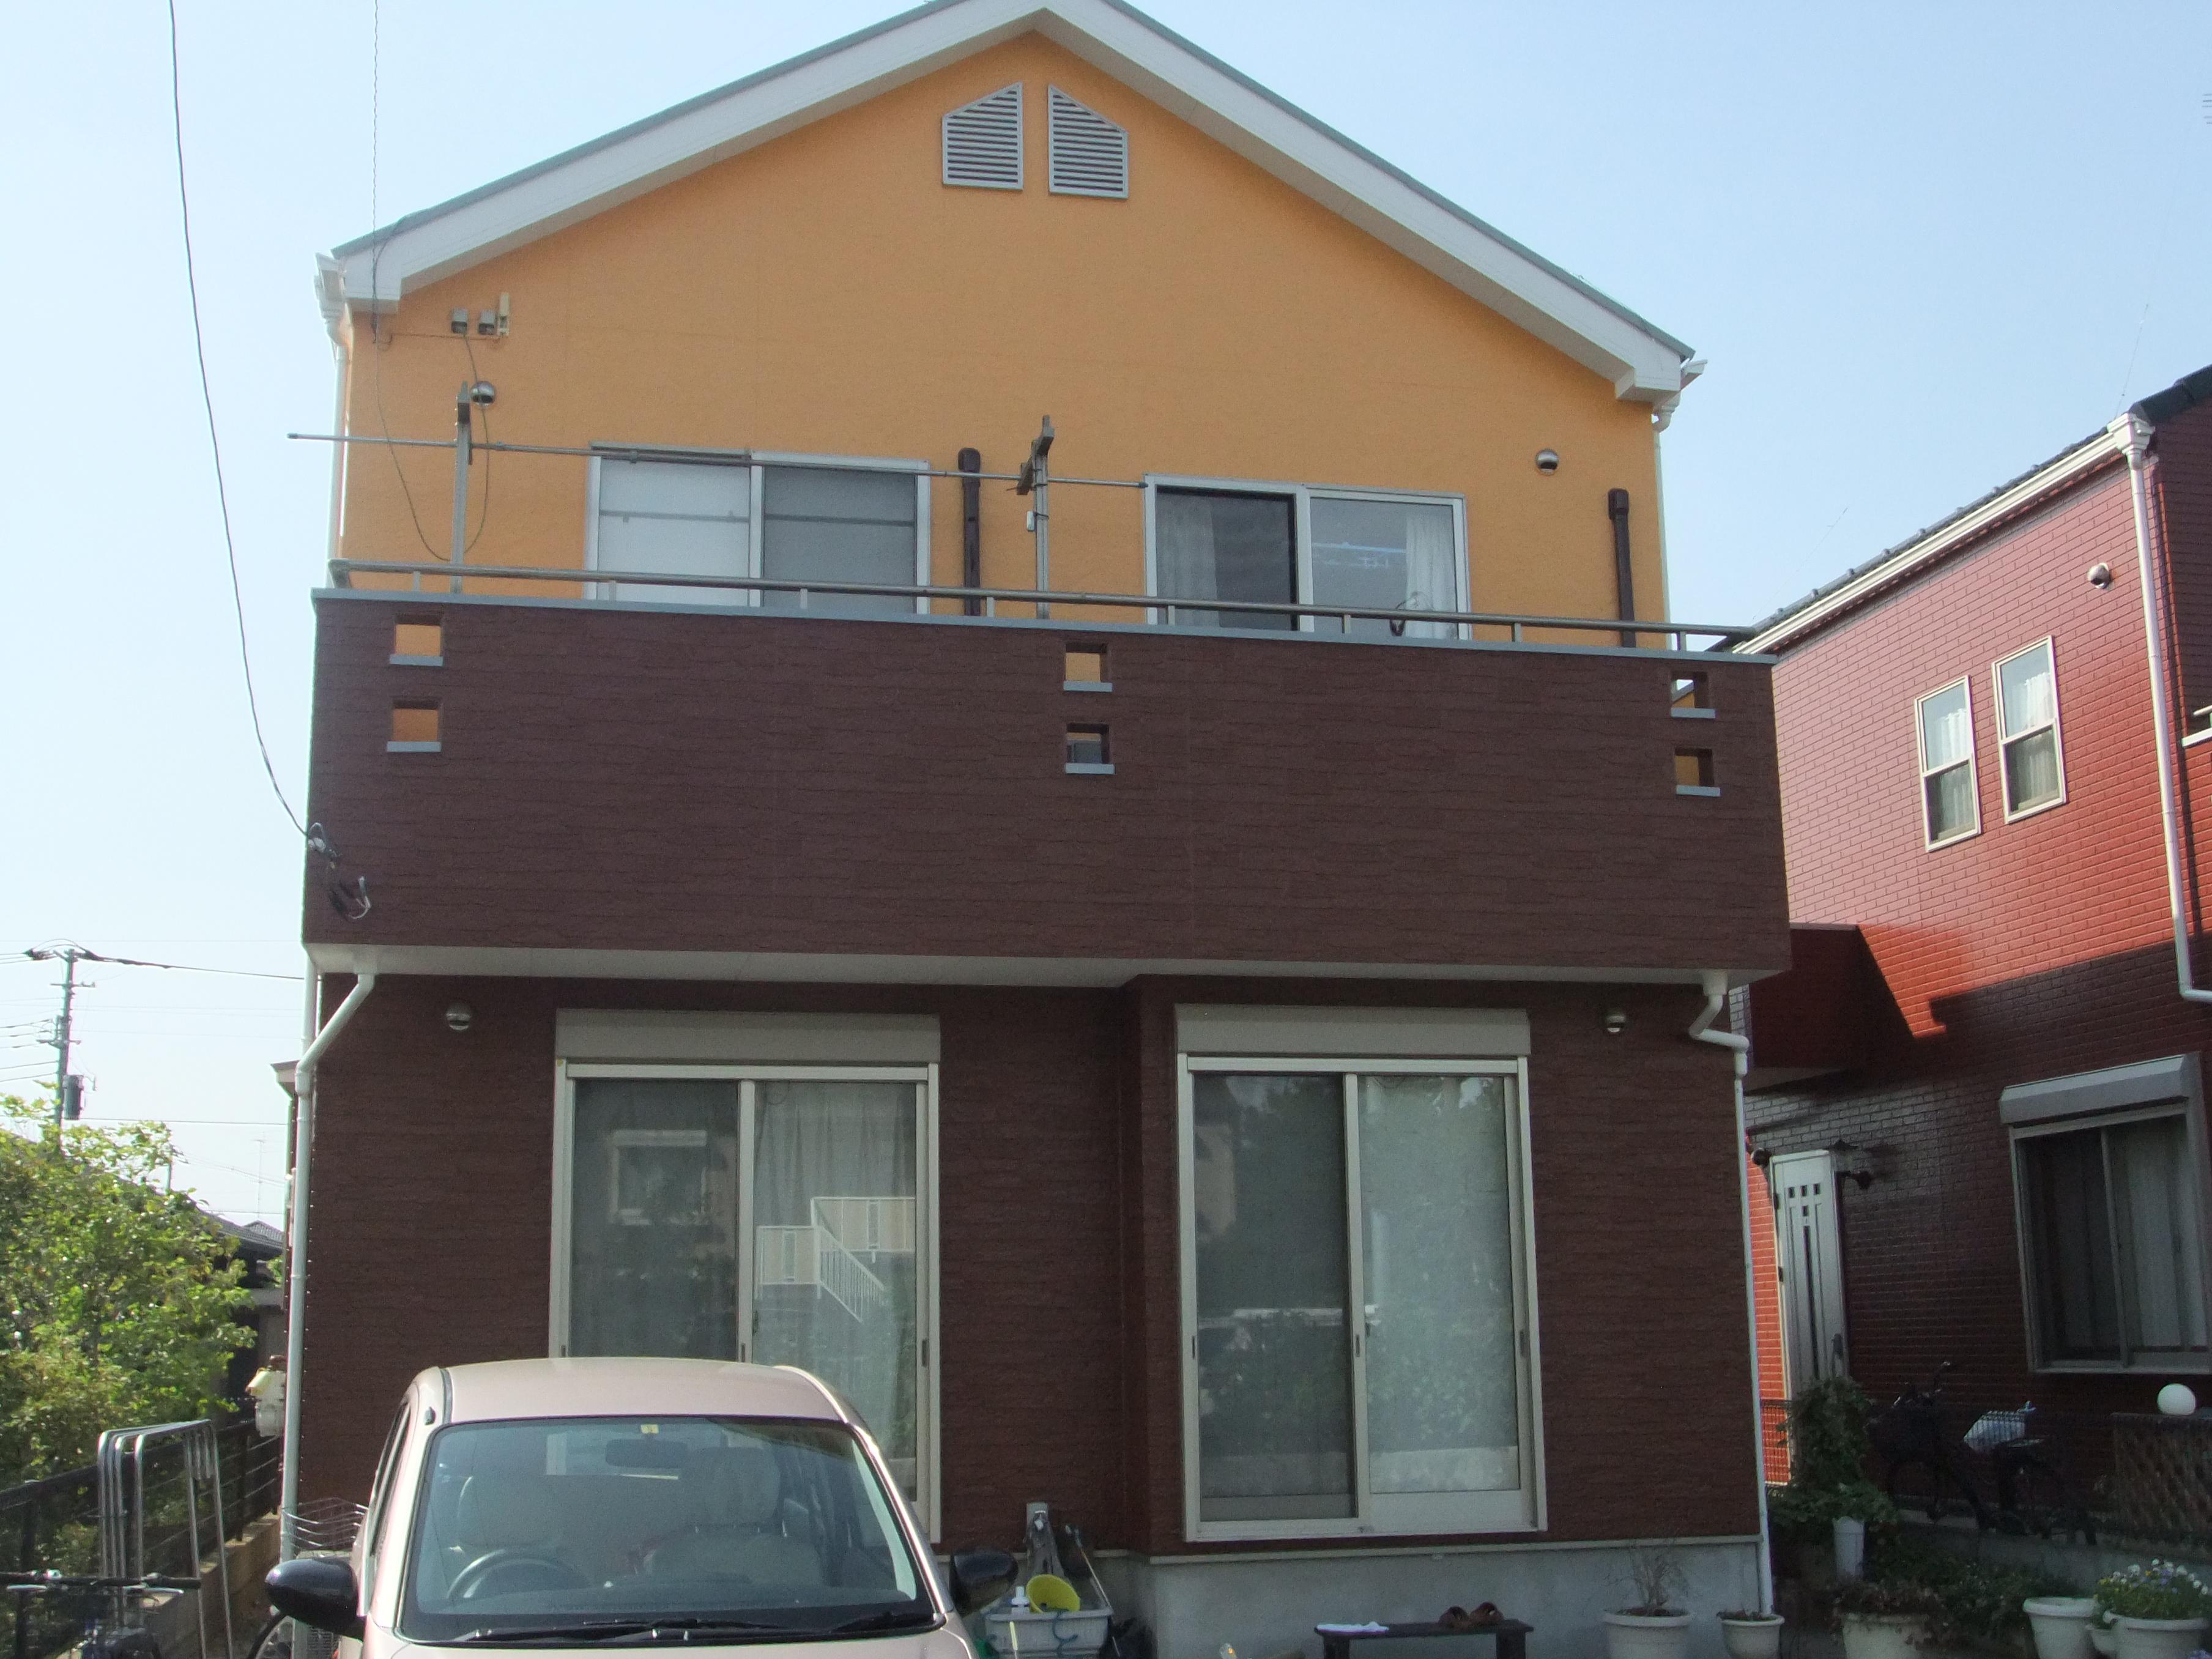 埼玉県上尾市K様邸 屋根遮熱塗装、外壁塗装工事